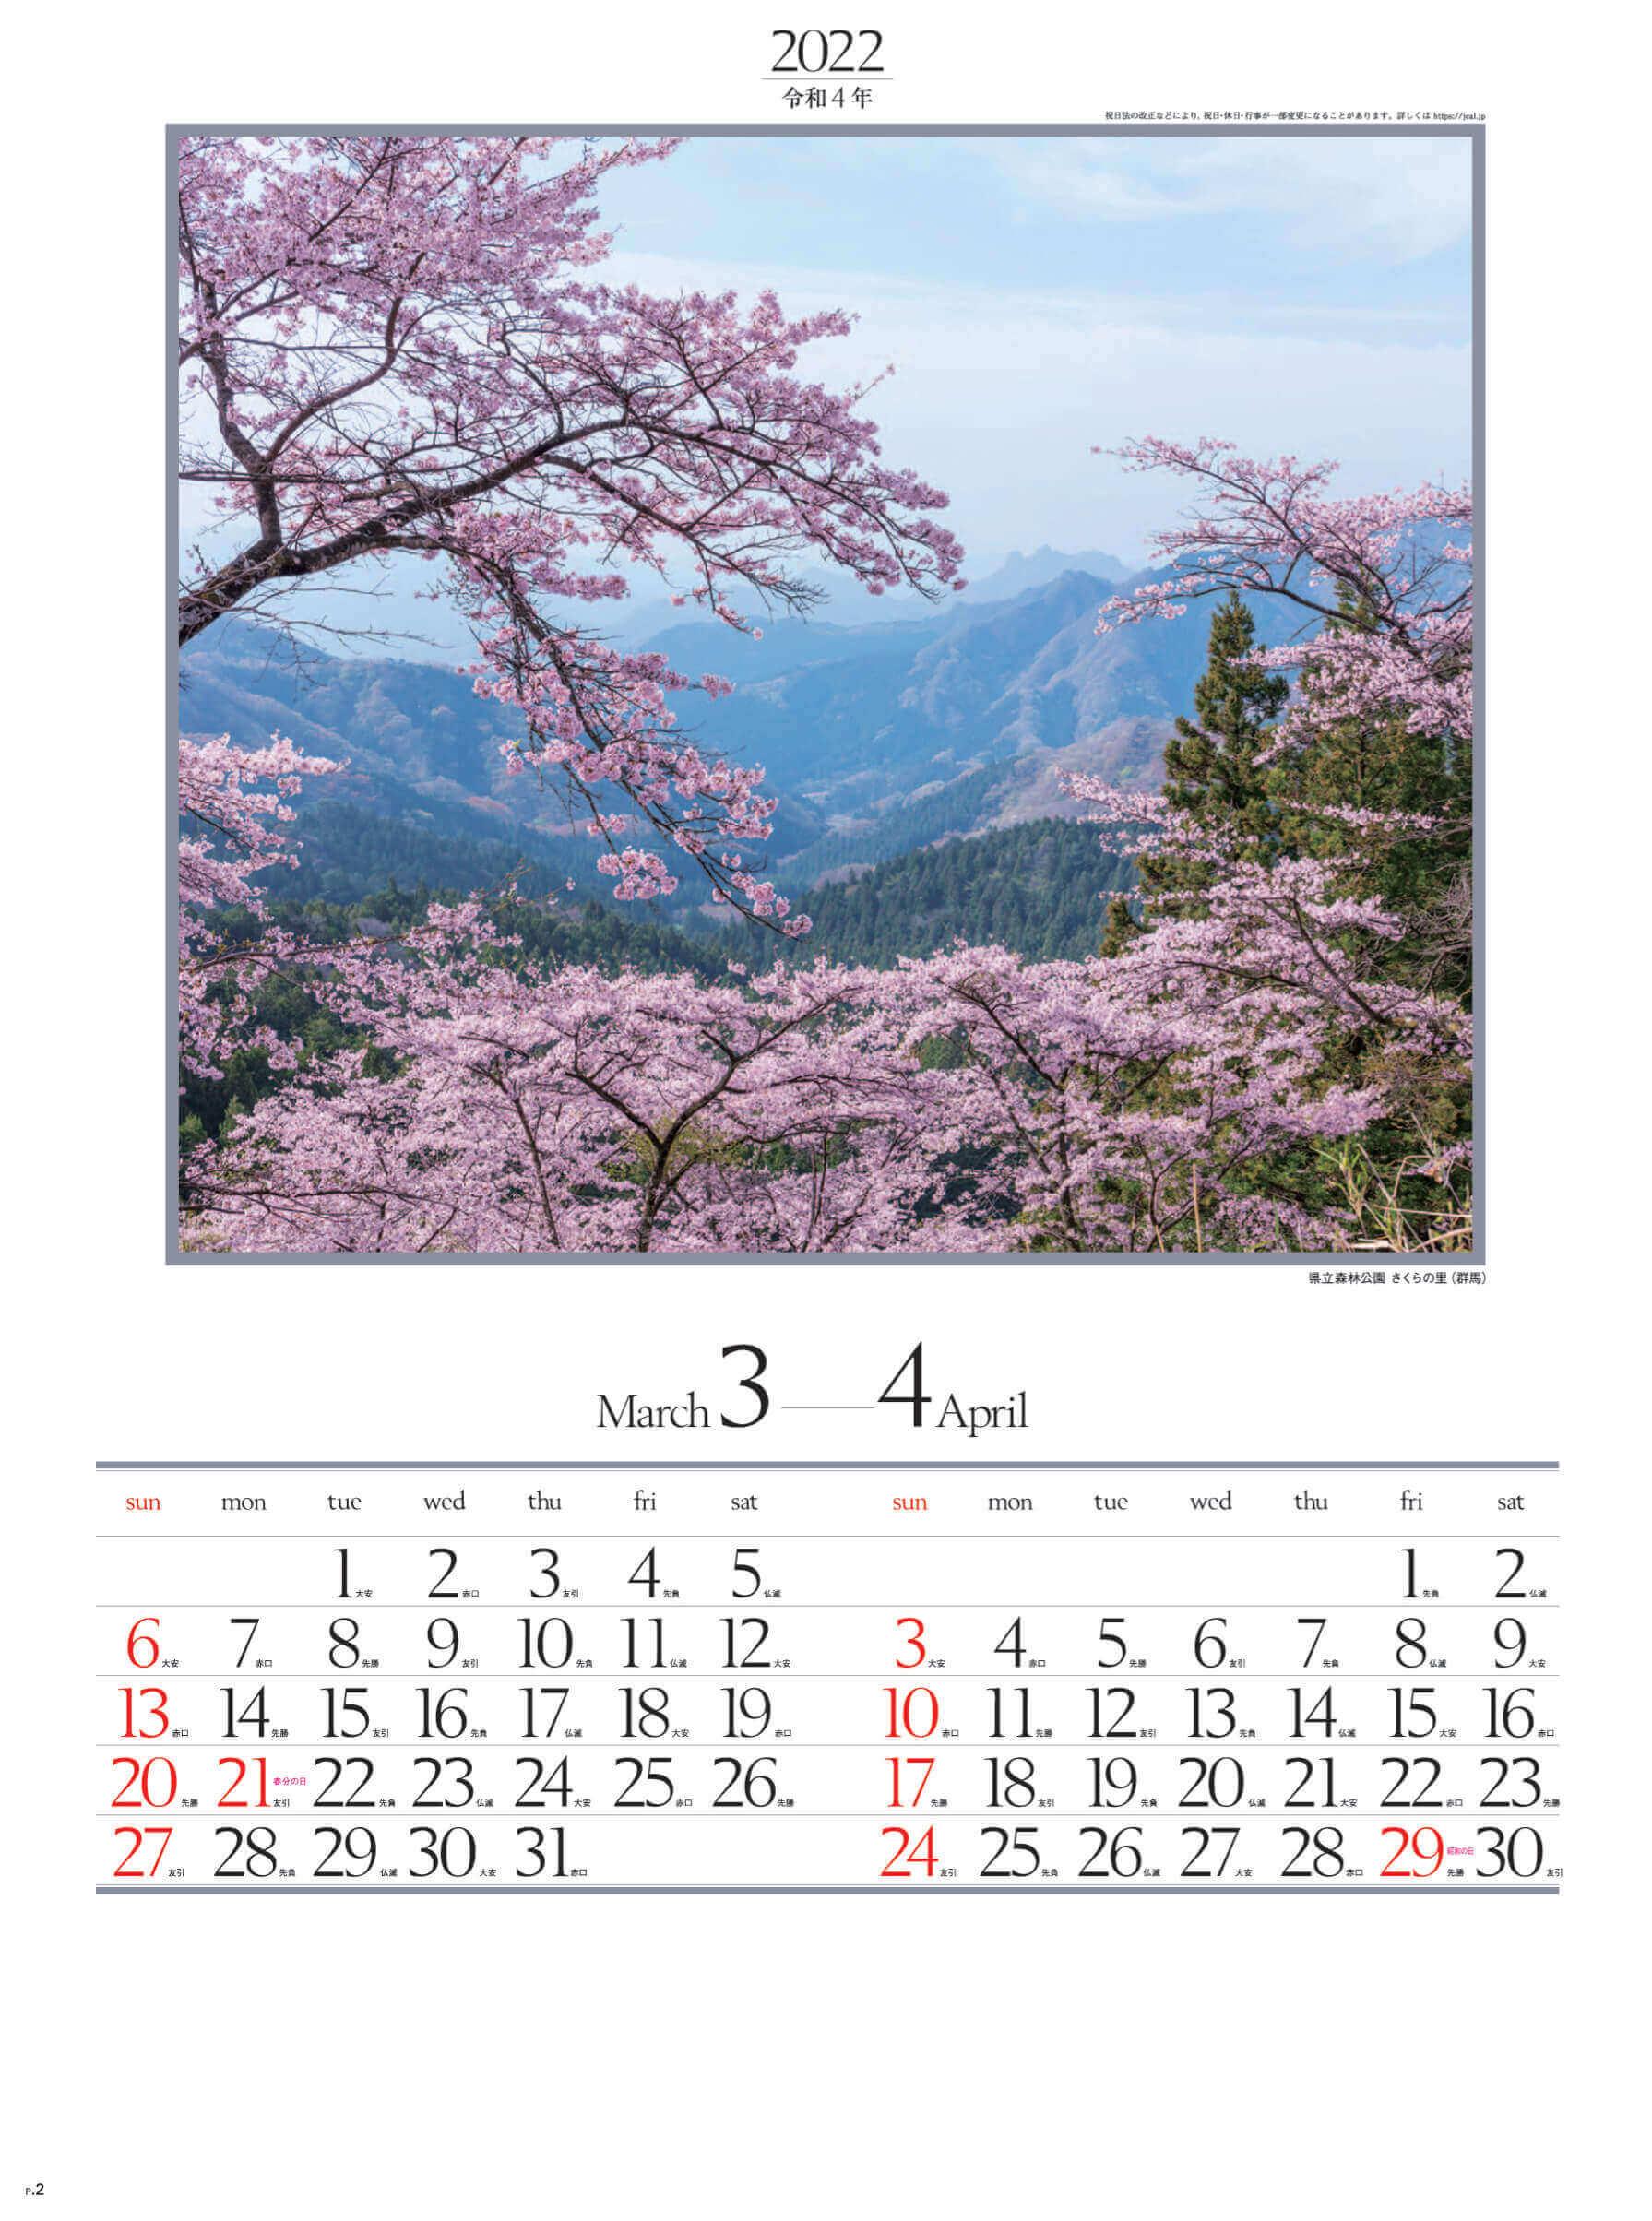 3-4月 県立森林公園 さくらの里(群馬) 四季六彩 2022年カレンダーの画像